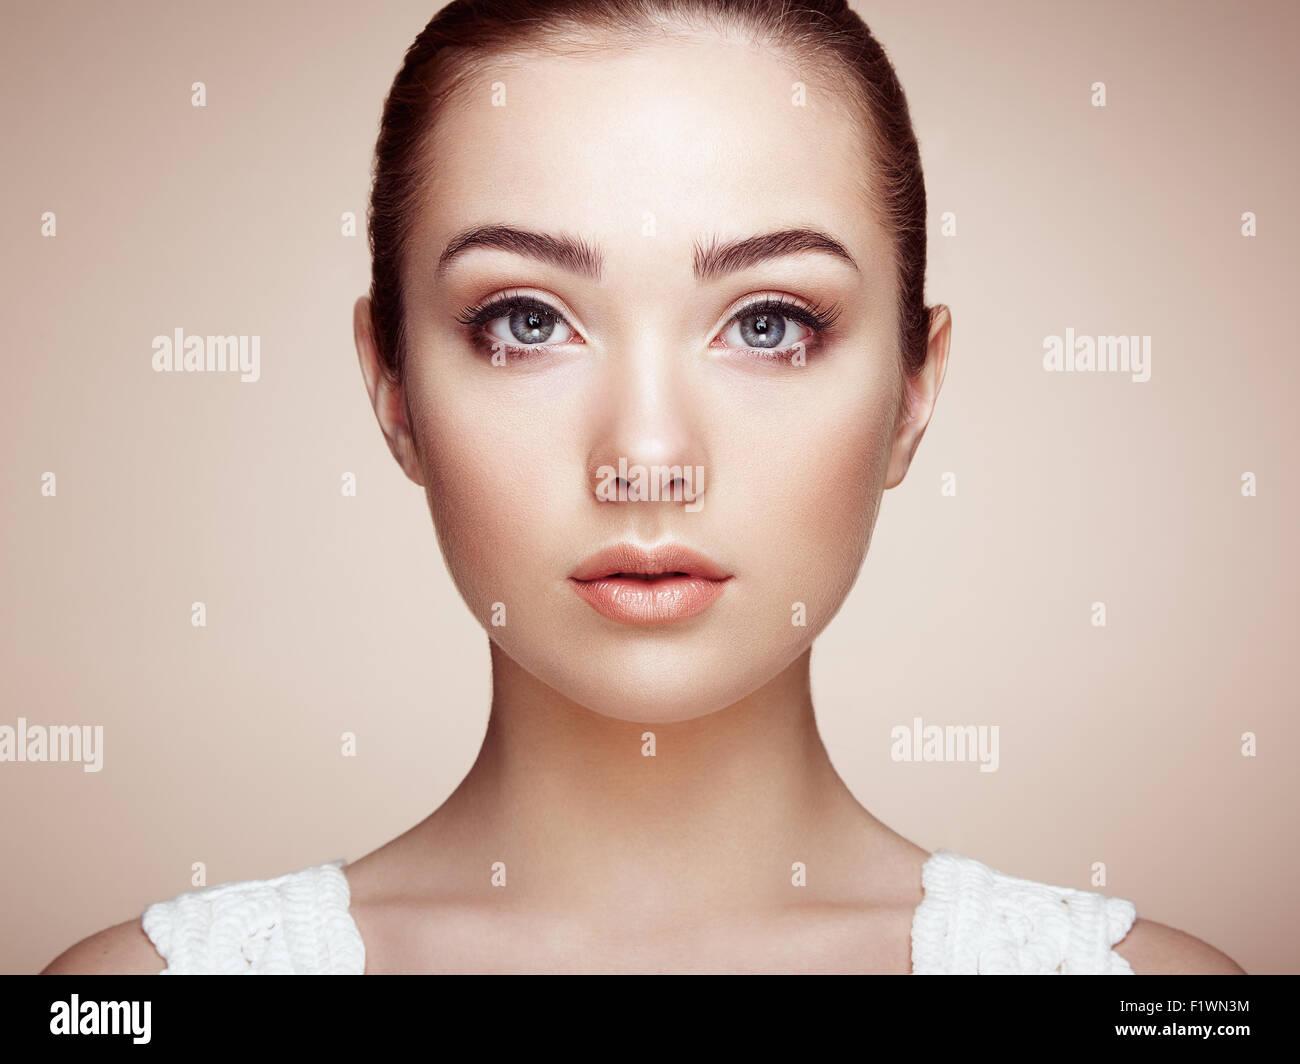 Mujer hermosa cara. Maquillaje perfecto. La belleza de la moda. Las pestañas. Sombreador de ojos cosméticos Imagen De Stock